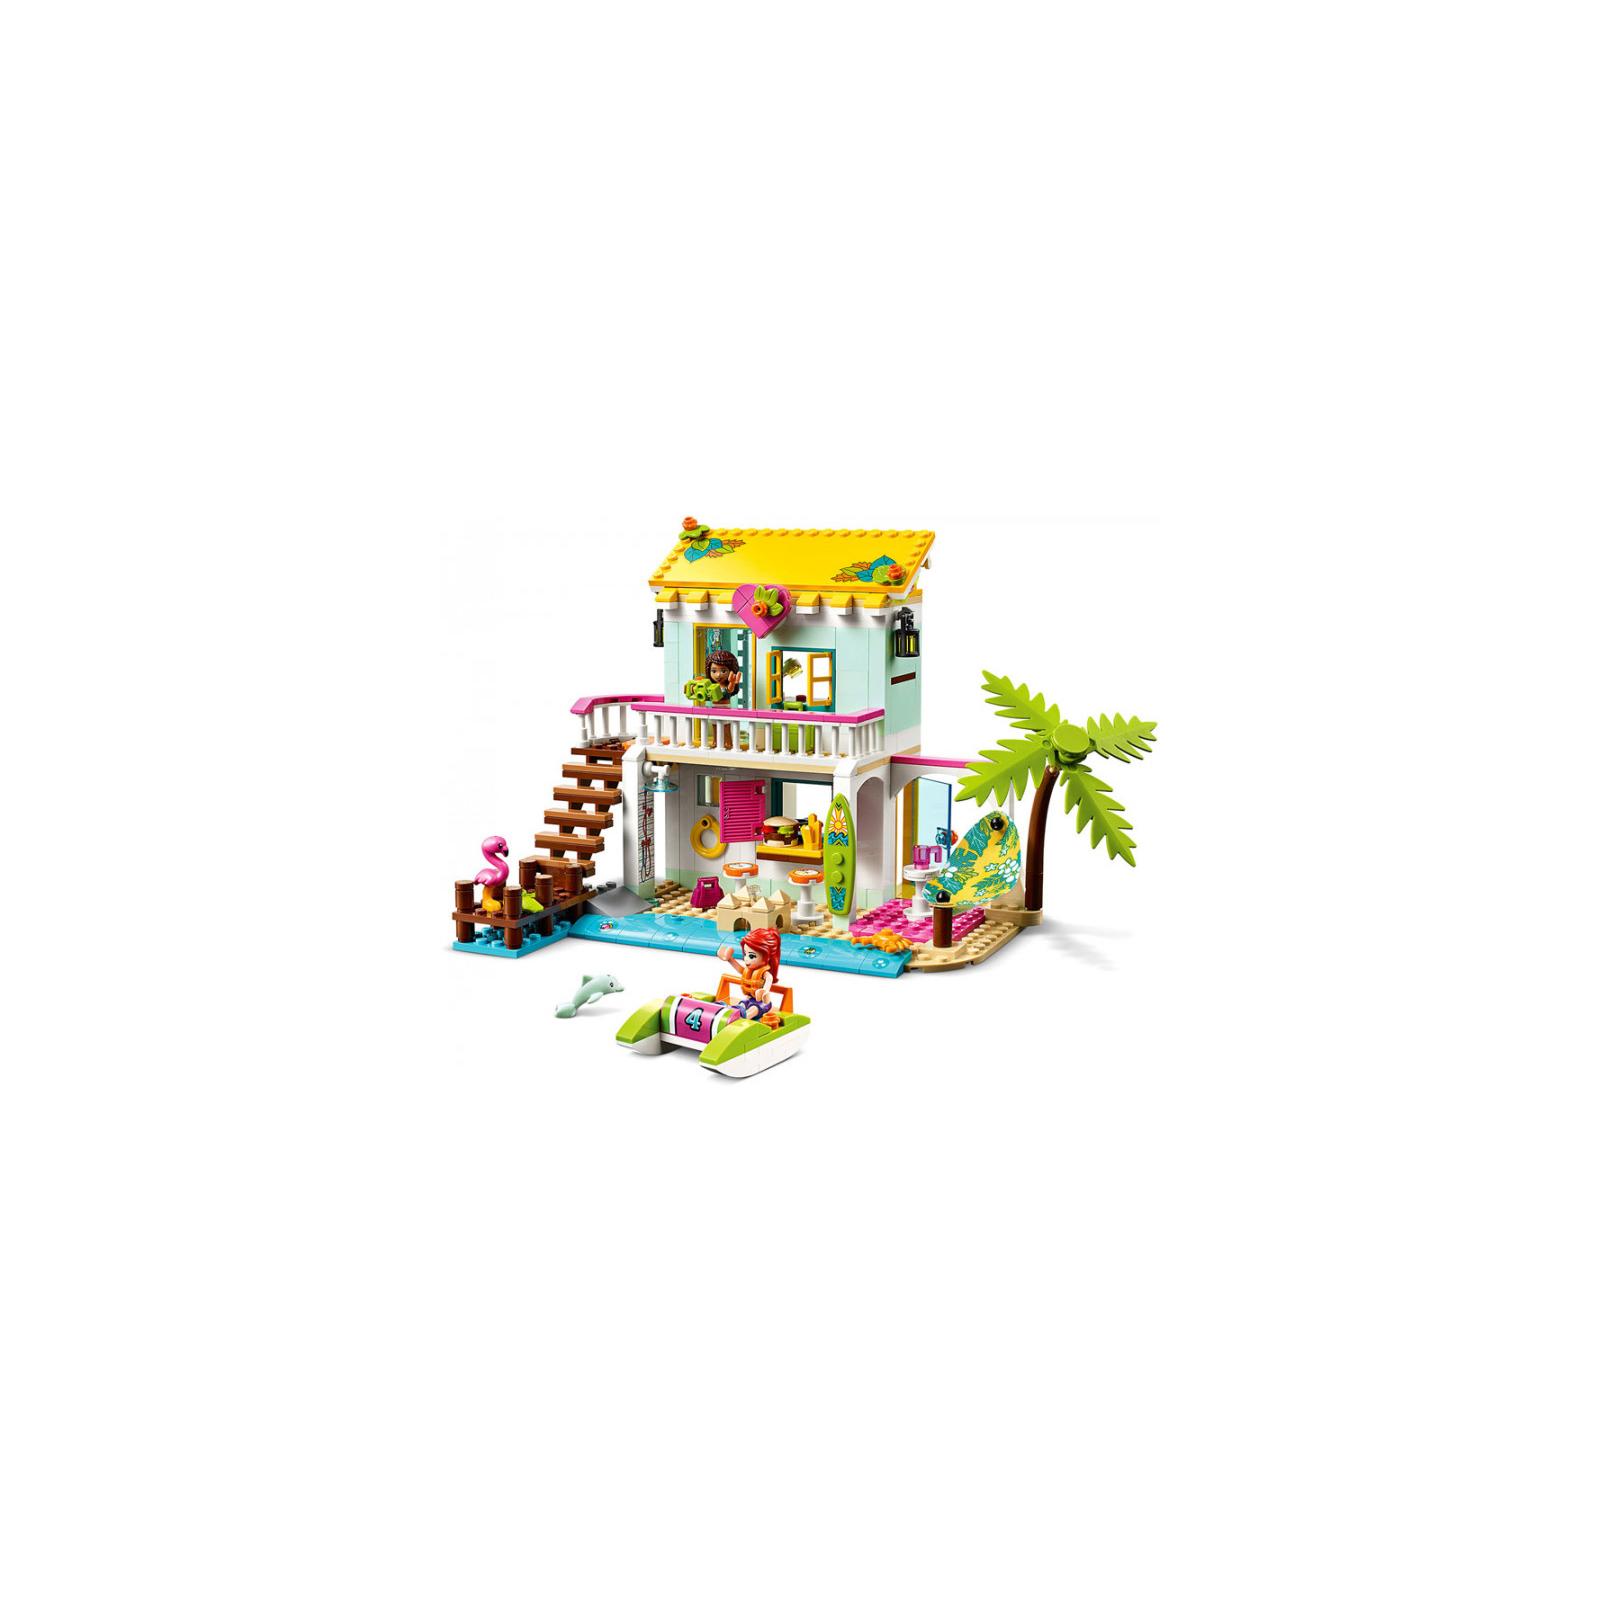 Конструктор LEGO Friends Пляжный домик 444 детали (41428) изображение 2